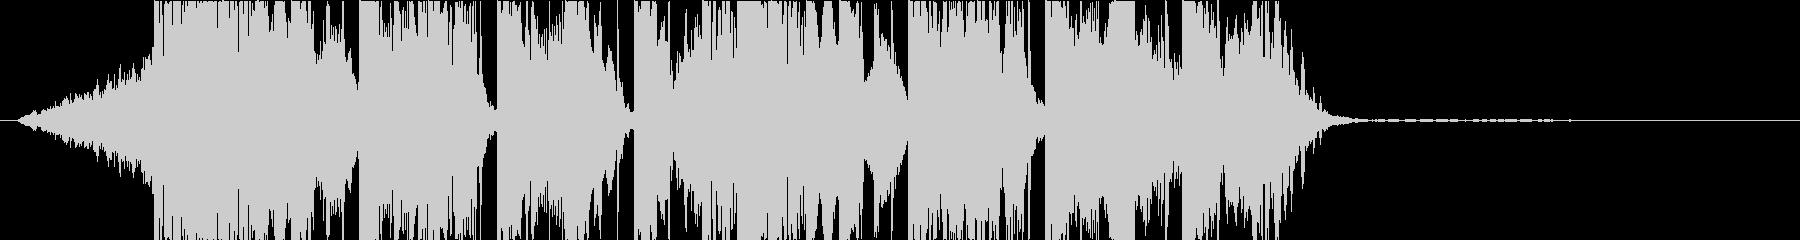 DUBSTEP クール ジングル150の未再生の波形